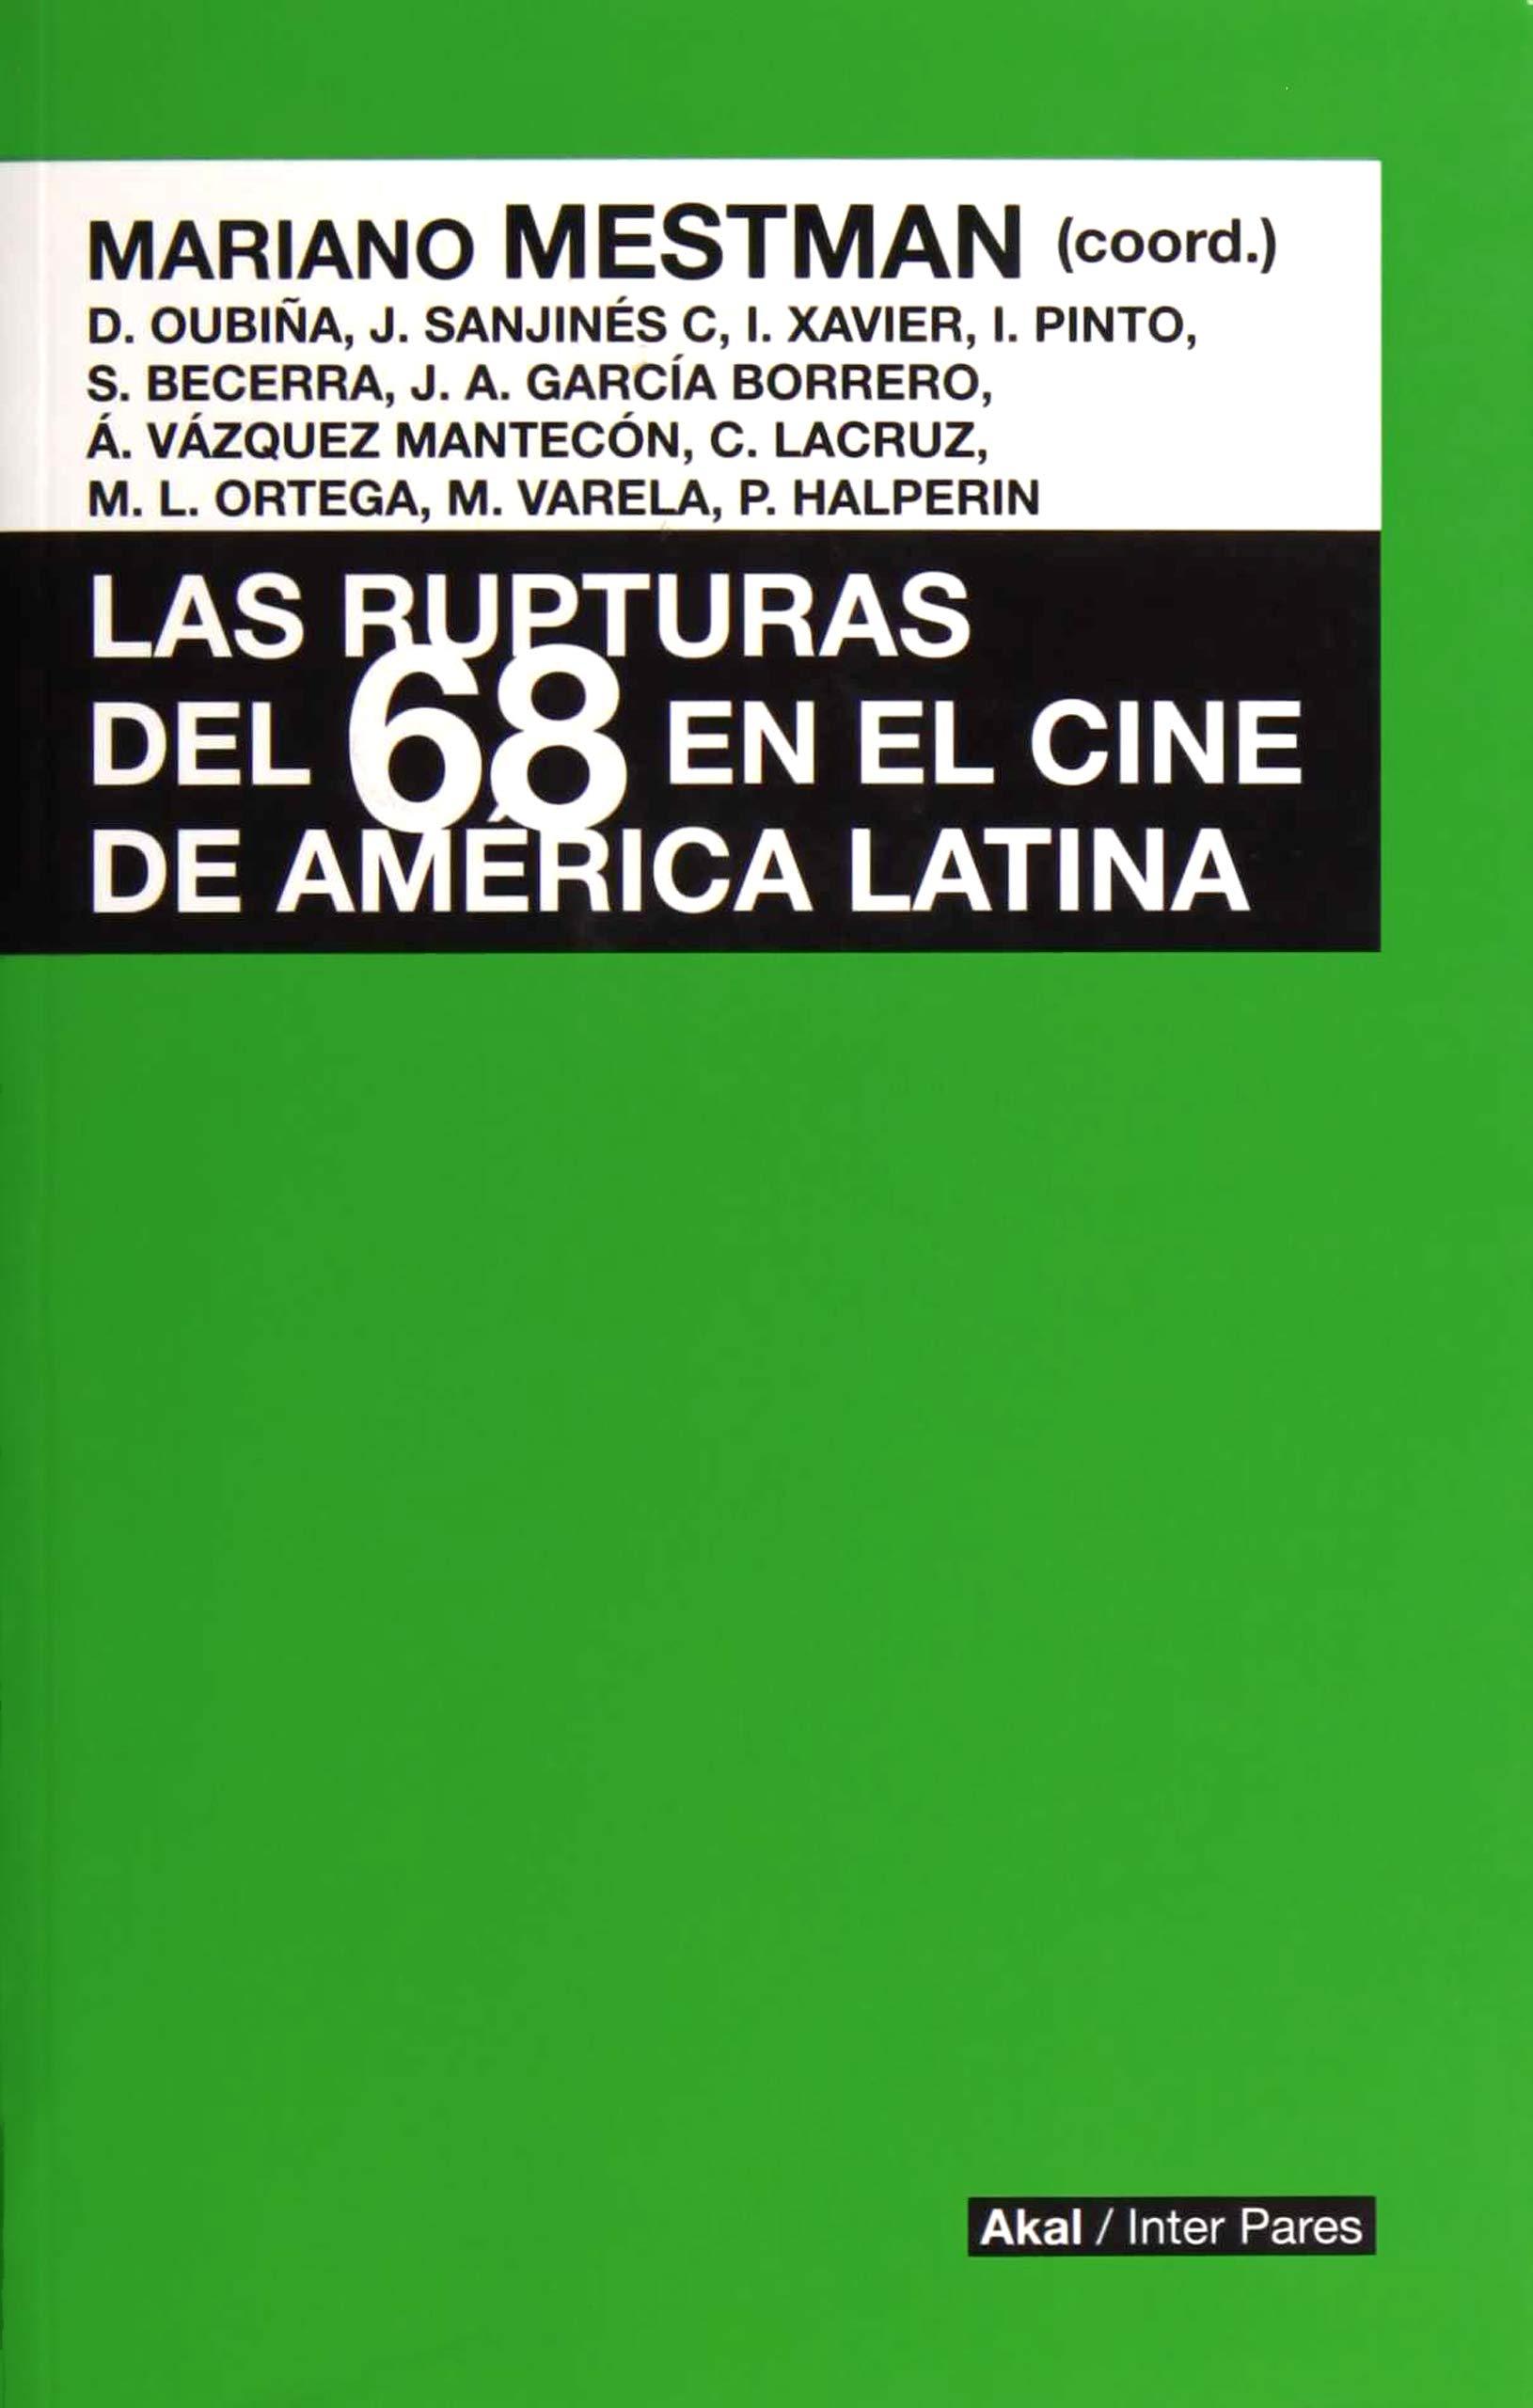 RUPTURAS DEL 68 EN EL CINE DE AMERICA LATINA